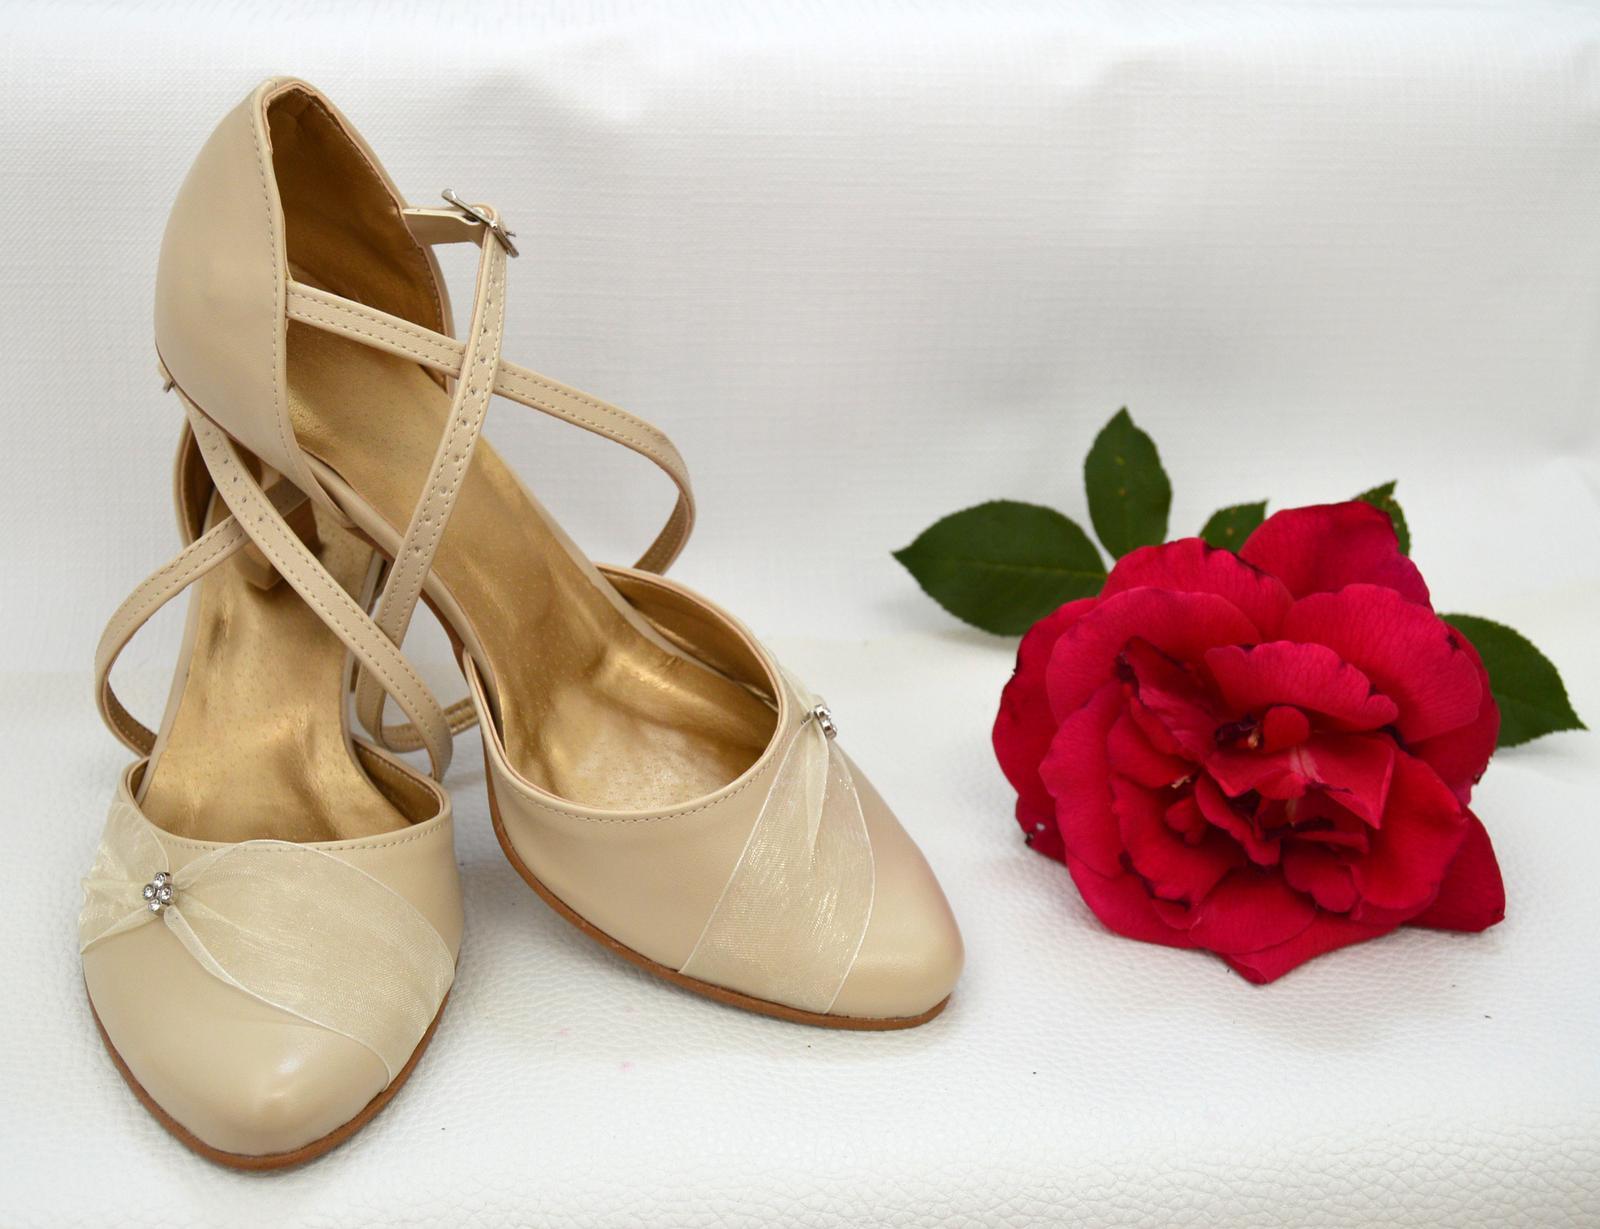 Svadobné topánky, inšpirácie z Vašich návrhov, farby biela, ivory, šampaň. - Svadobné topánky ecru - krémová, eko koža + zdobenie, úpravy podľa želania klientky